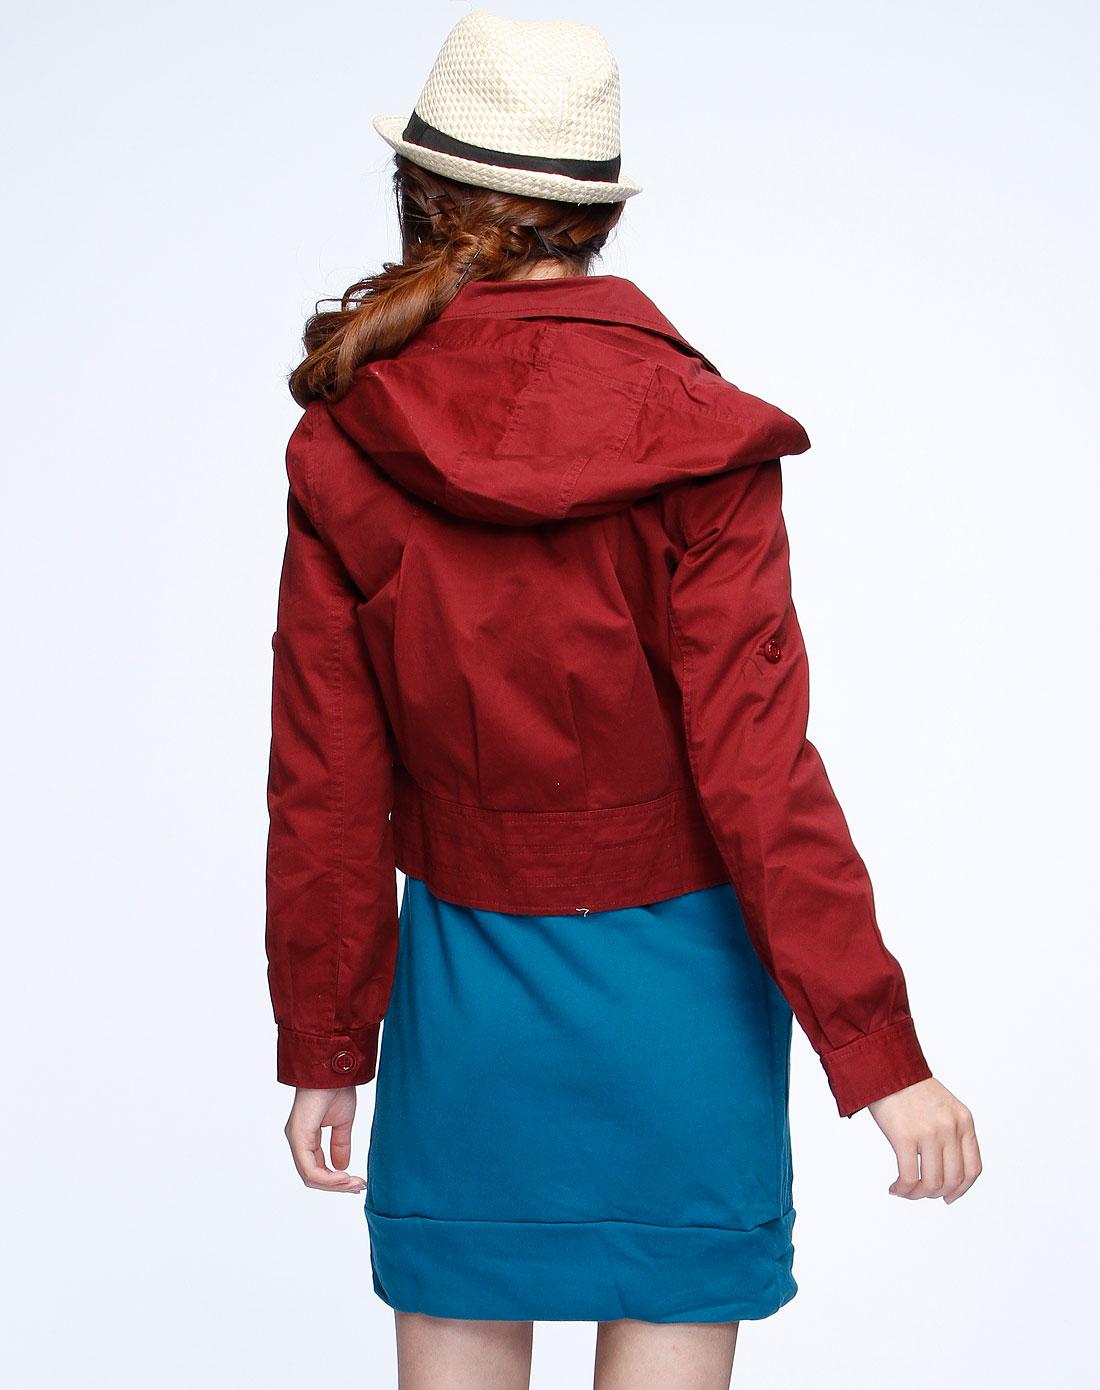 女款酒红色连帽长袖小外套0310